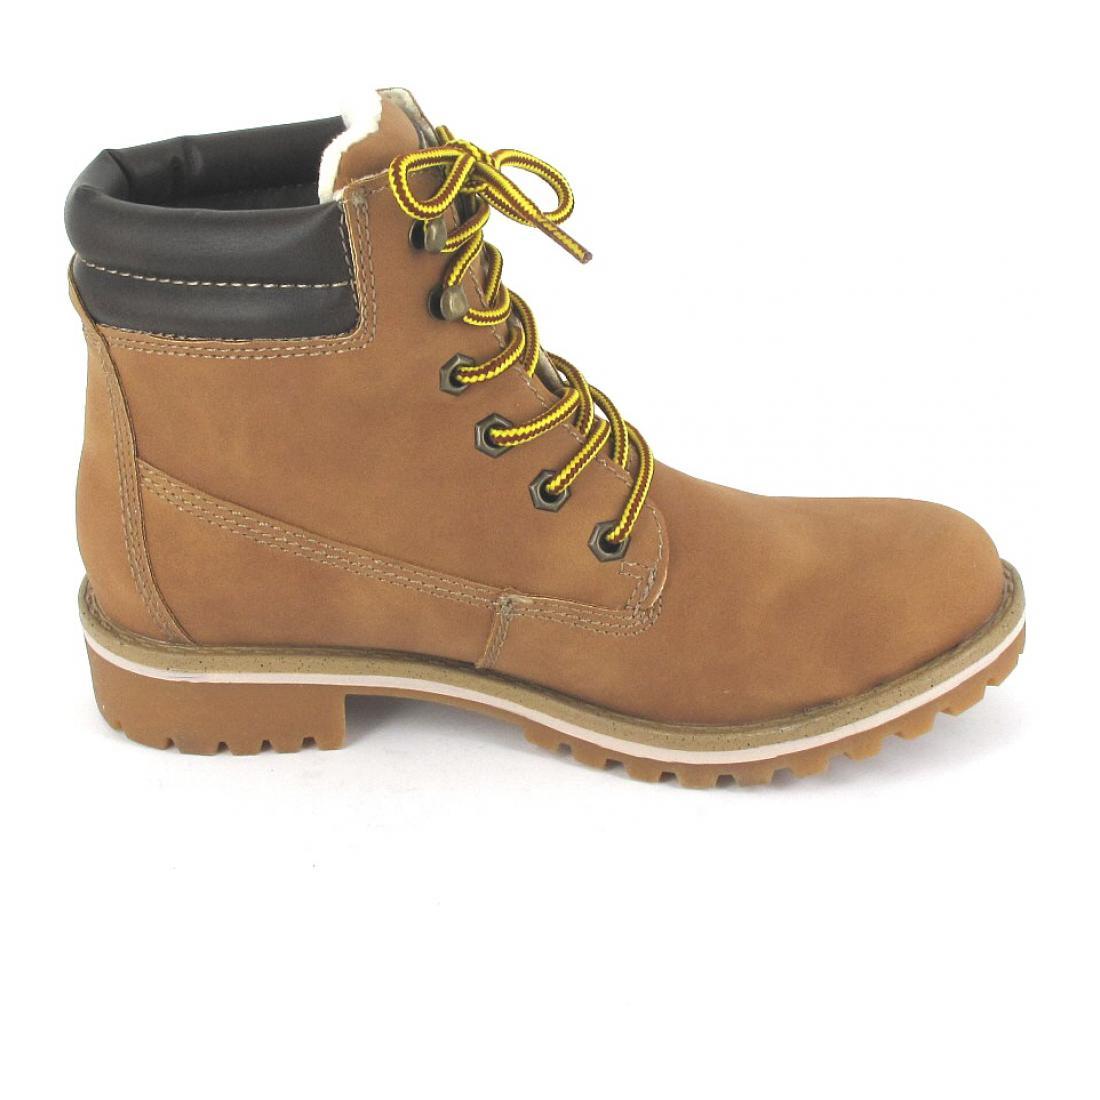 Jane Klain Boots